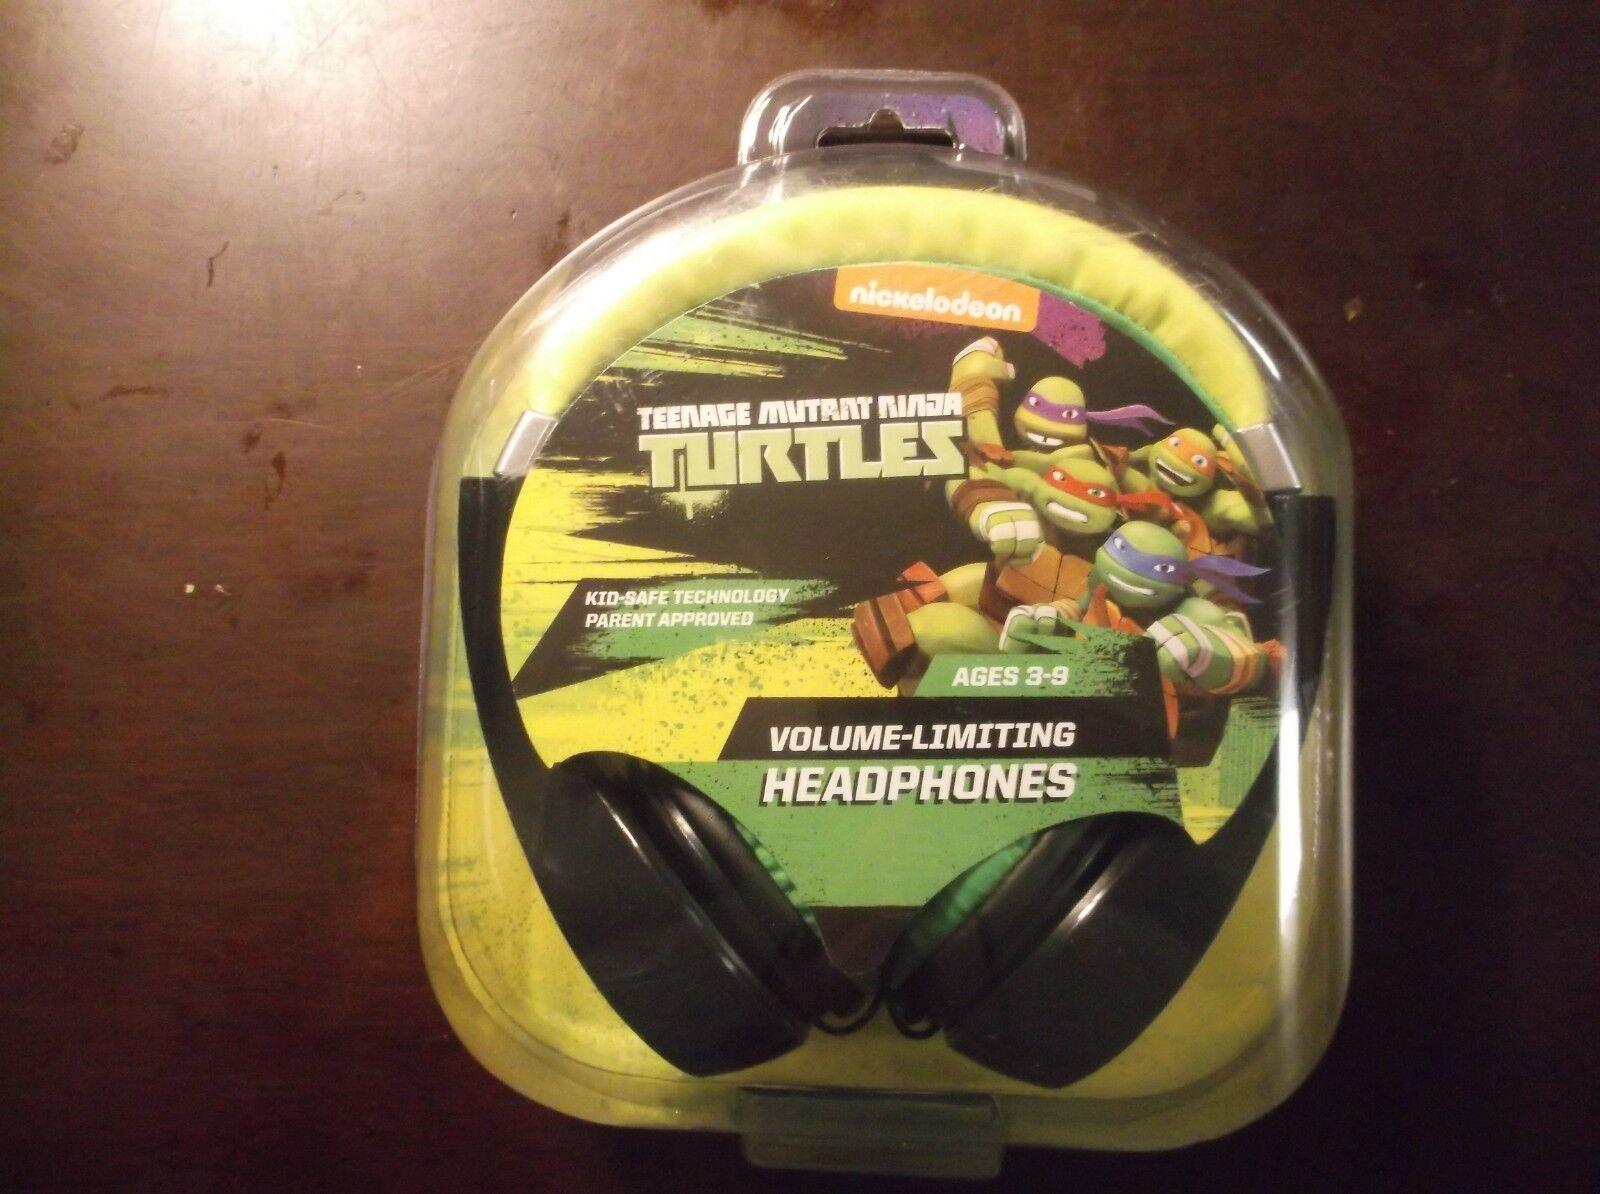 TMNT TEENAGE MUTANT NINJA TURTLES HEADPHONES + VOLUME LIMITI